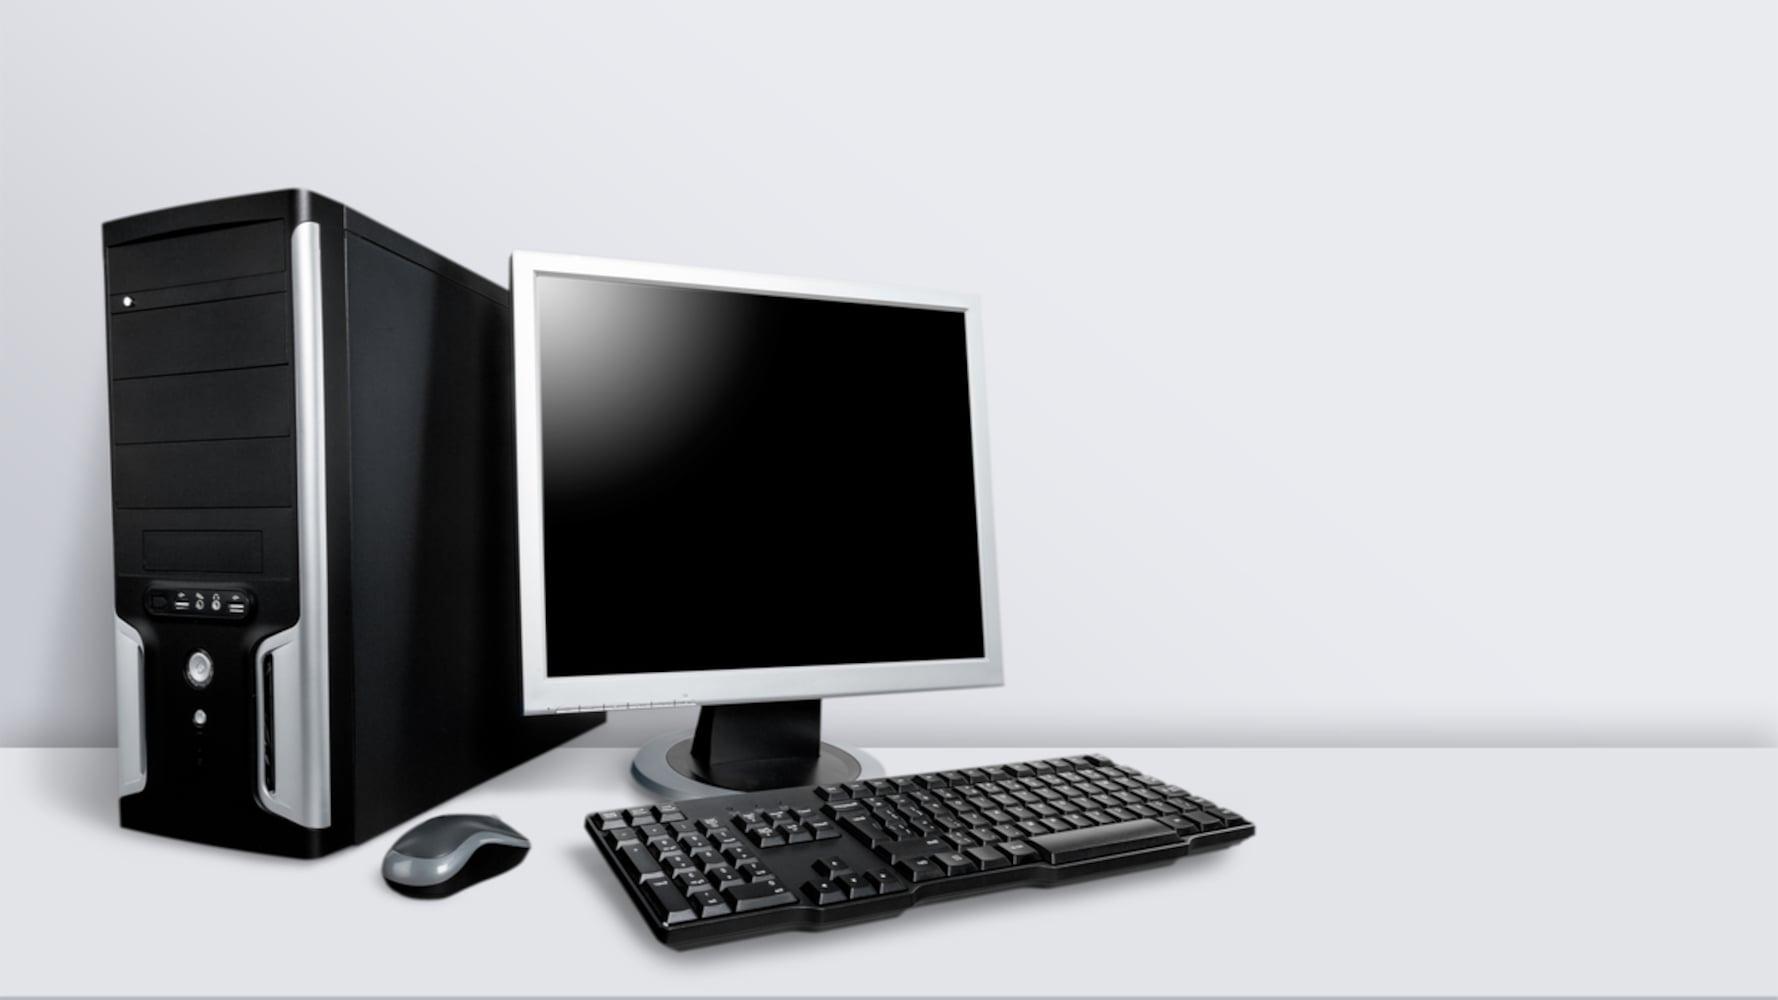 サイズ|買う前にパソコンの実寸を把握しておく